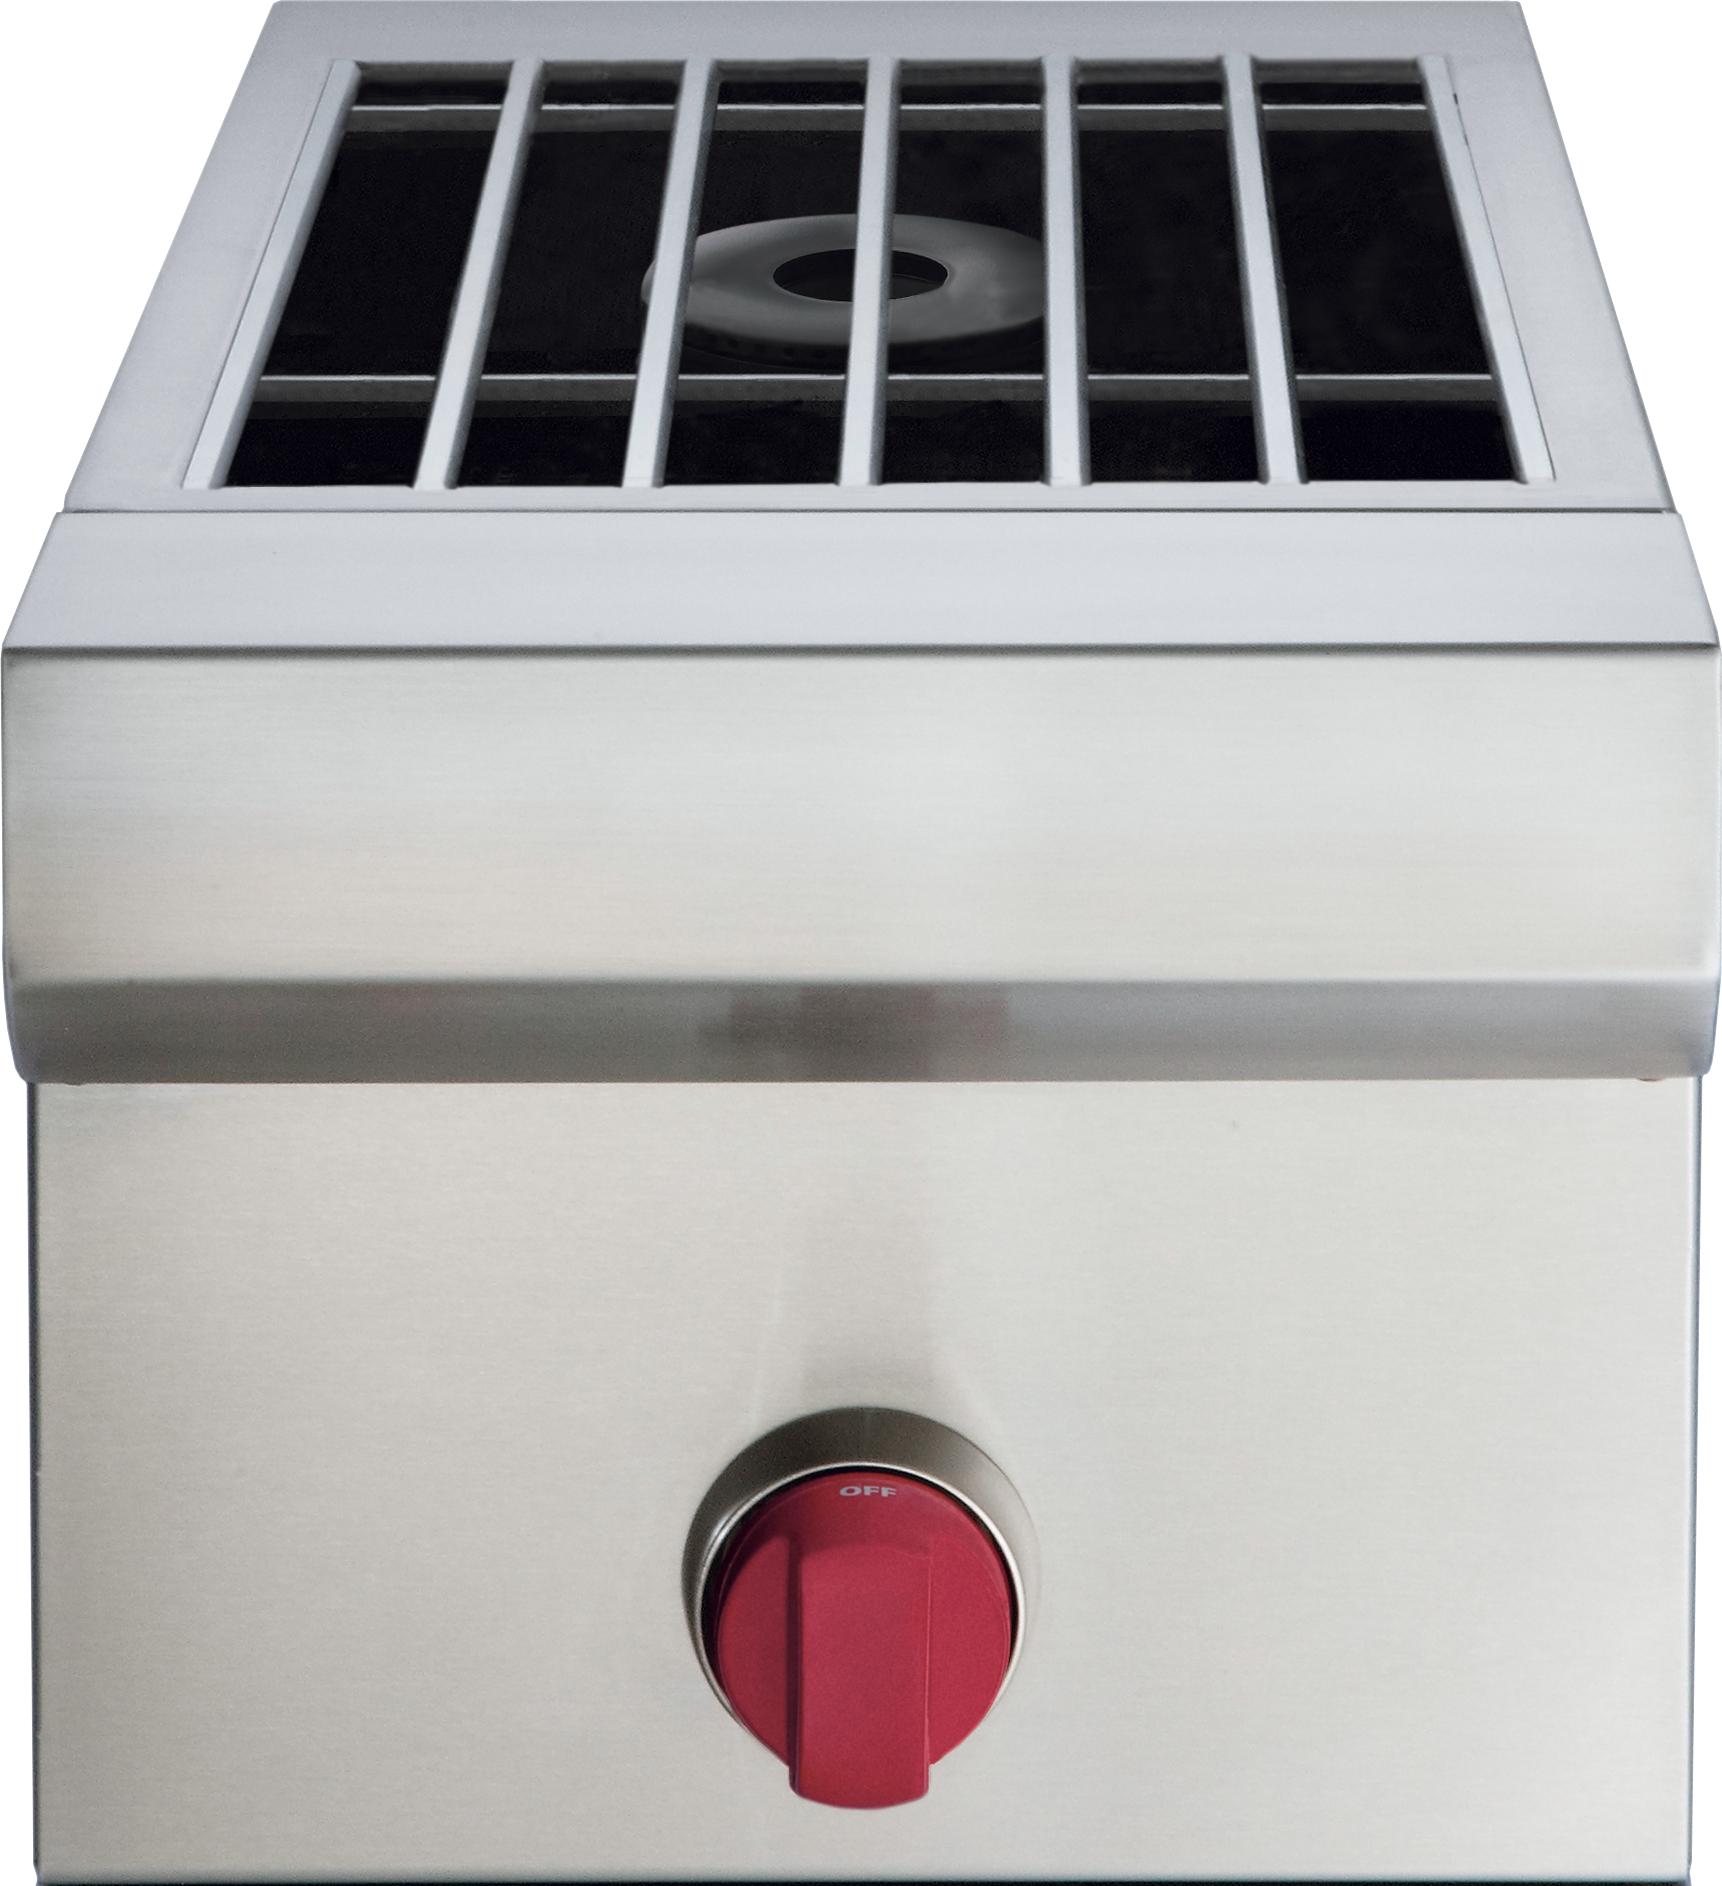 Asadores cocina exterior electrodom sticos sub zero y wolf - Electrodomesticos profesionales cocina ...